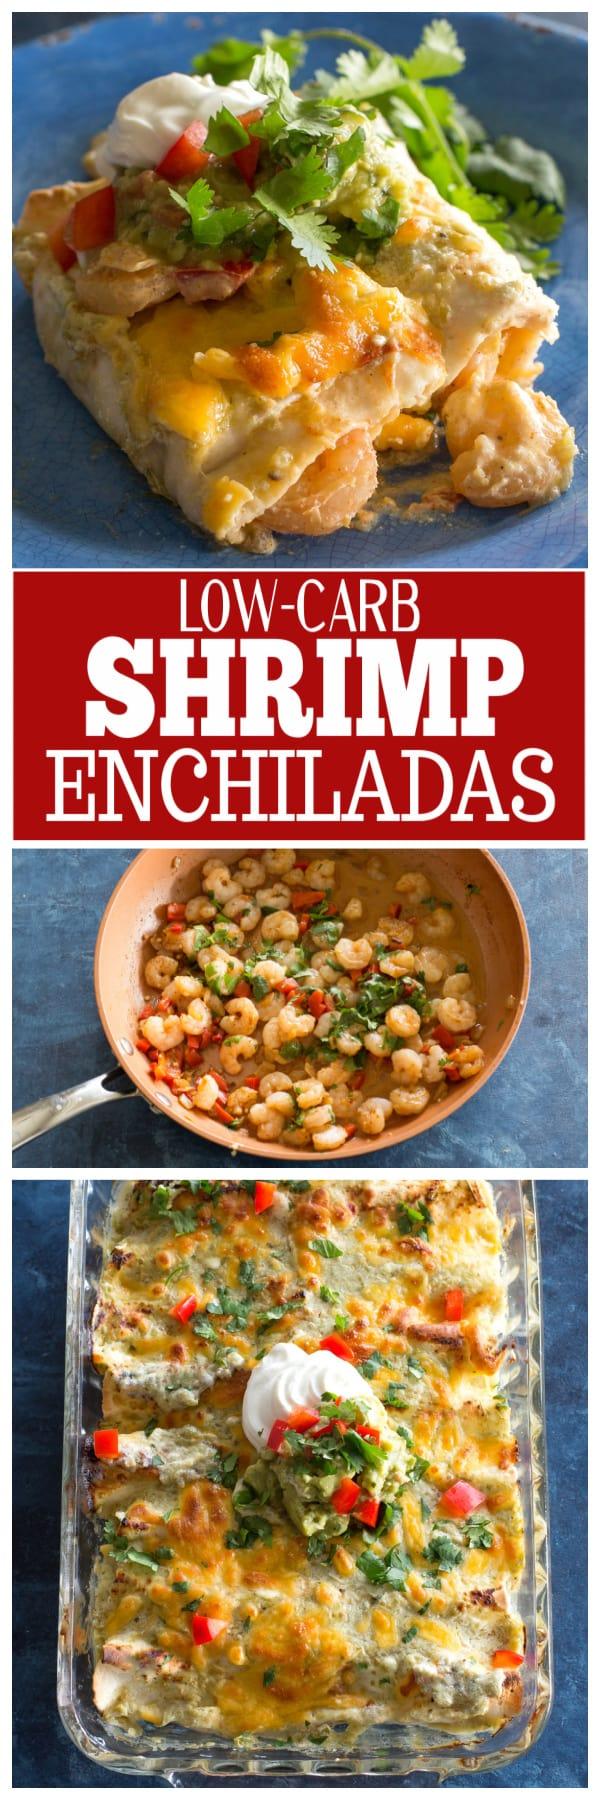 low-carb shrimp enchiladas